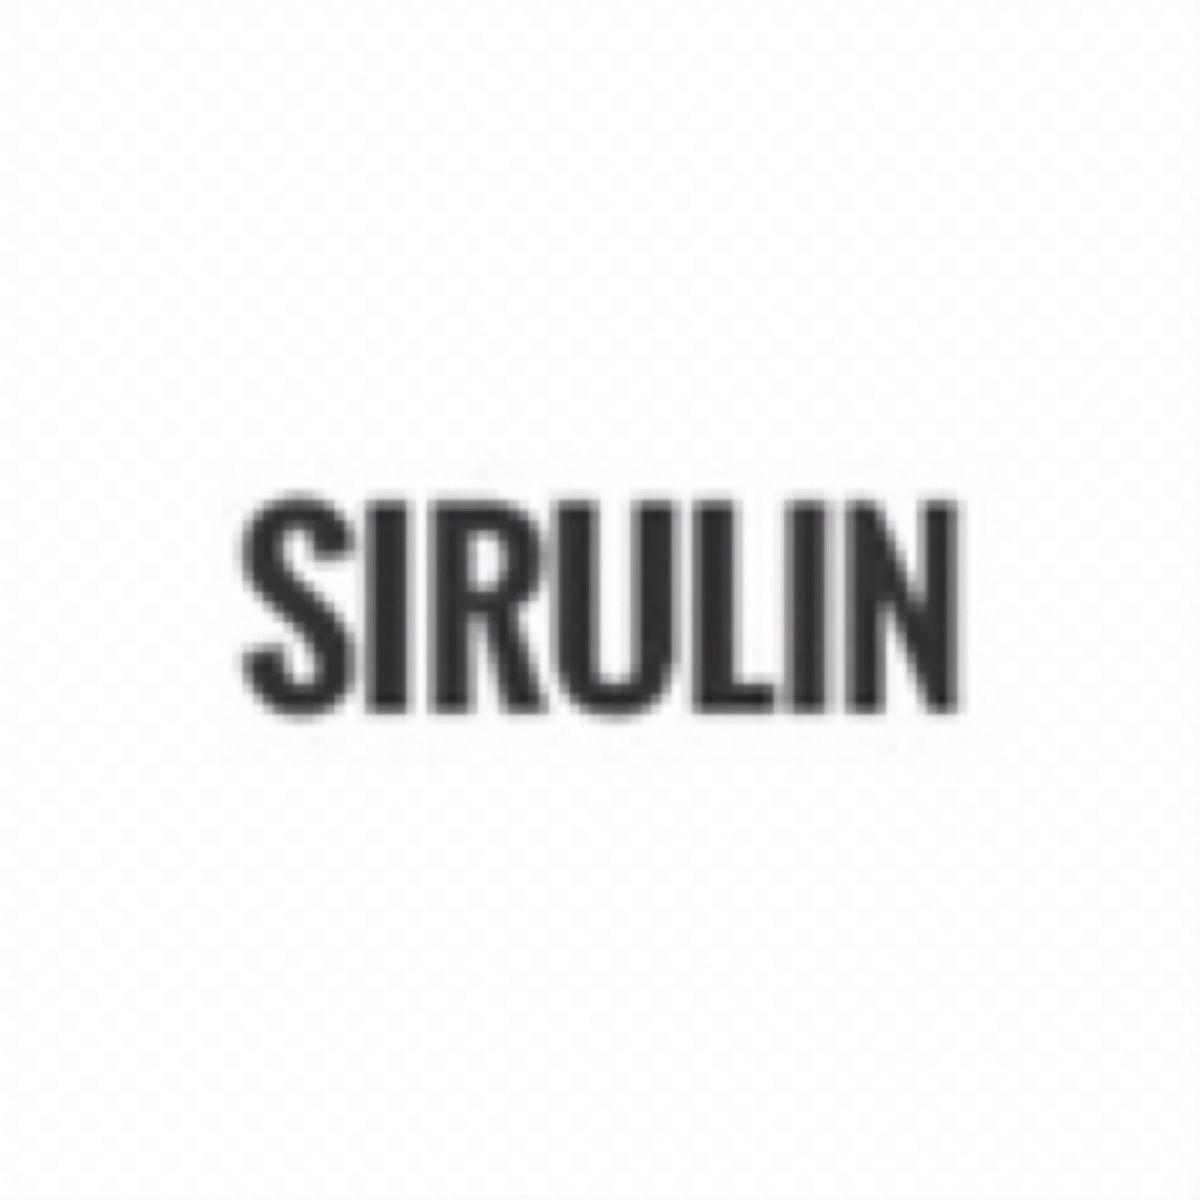 Sirulin